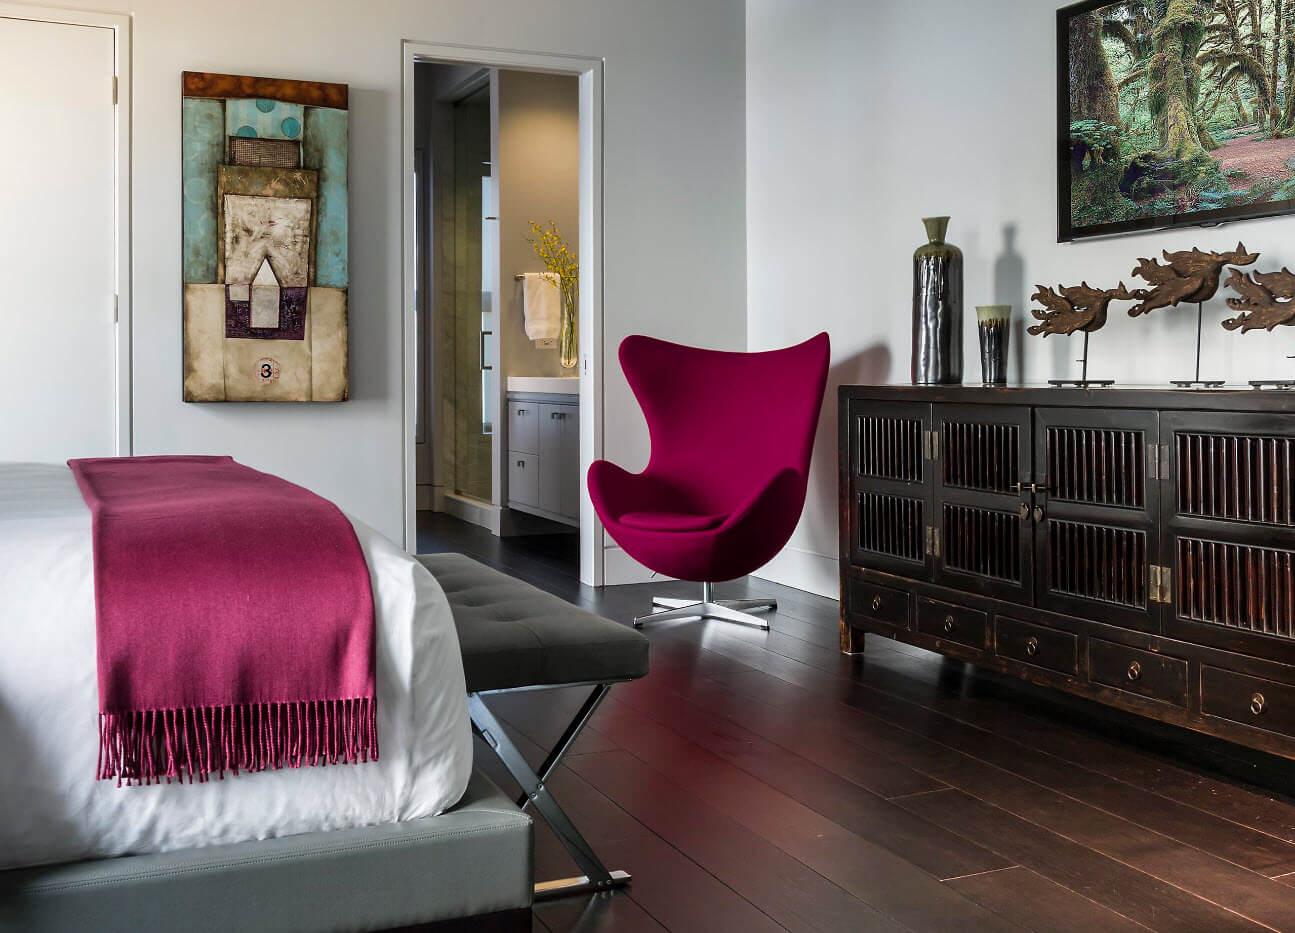 Кресло в спальню бордового цвета